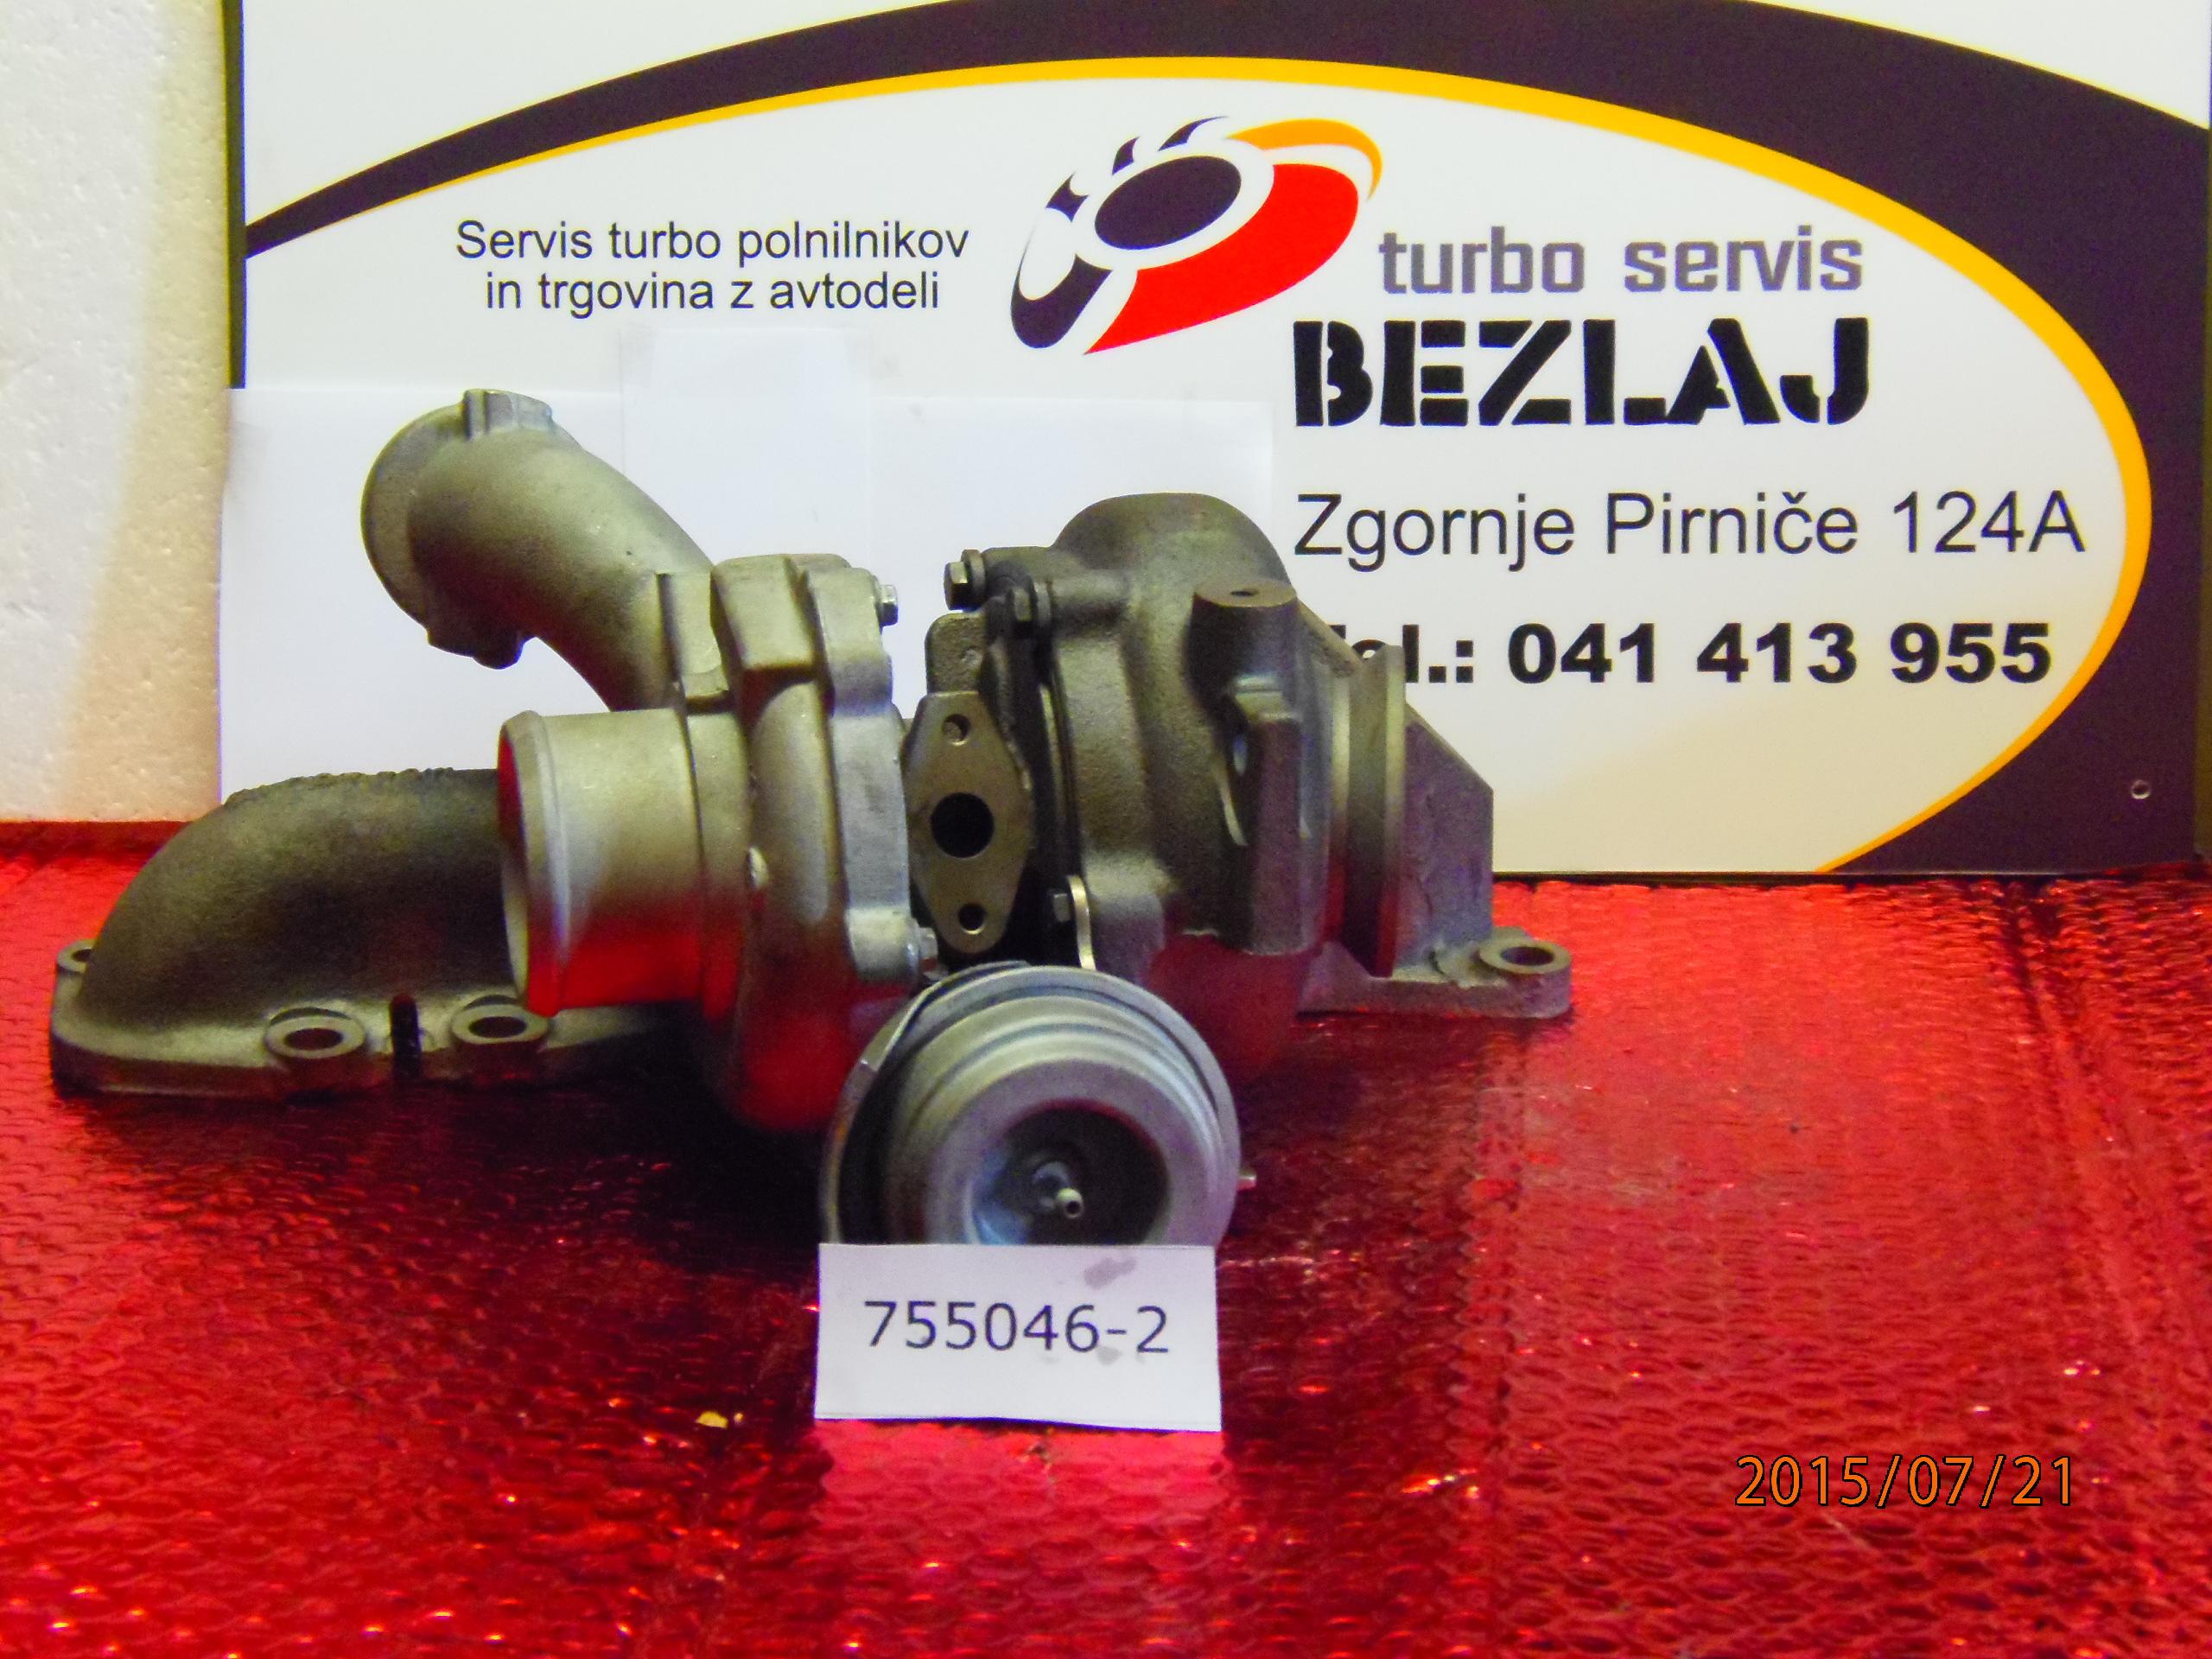 turbo755046-2